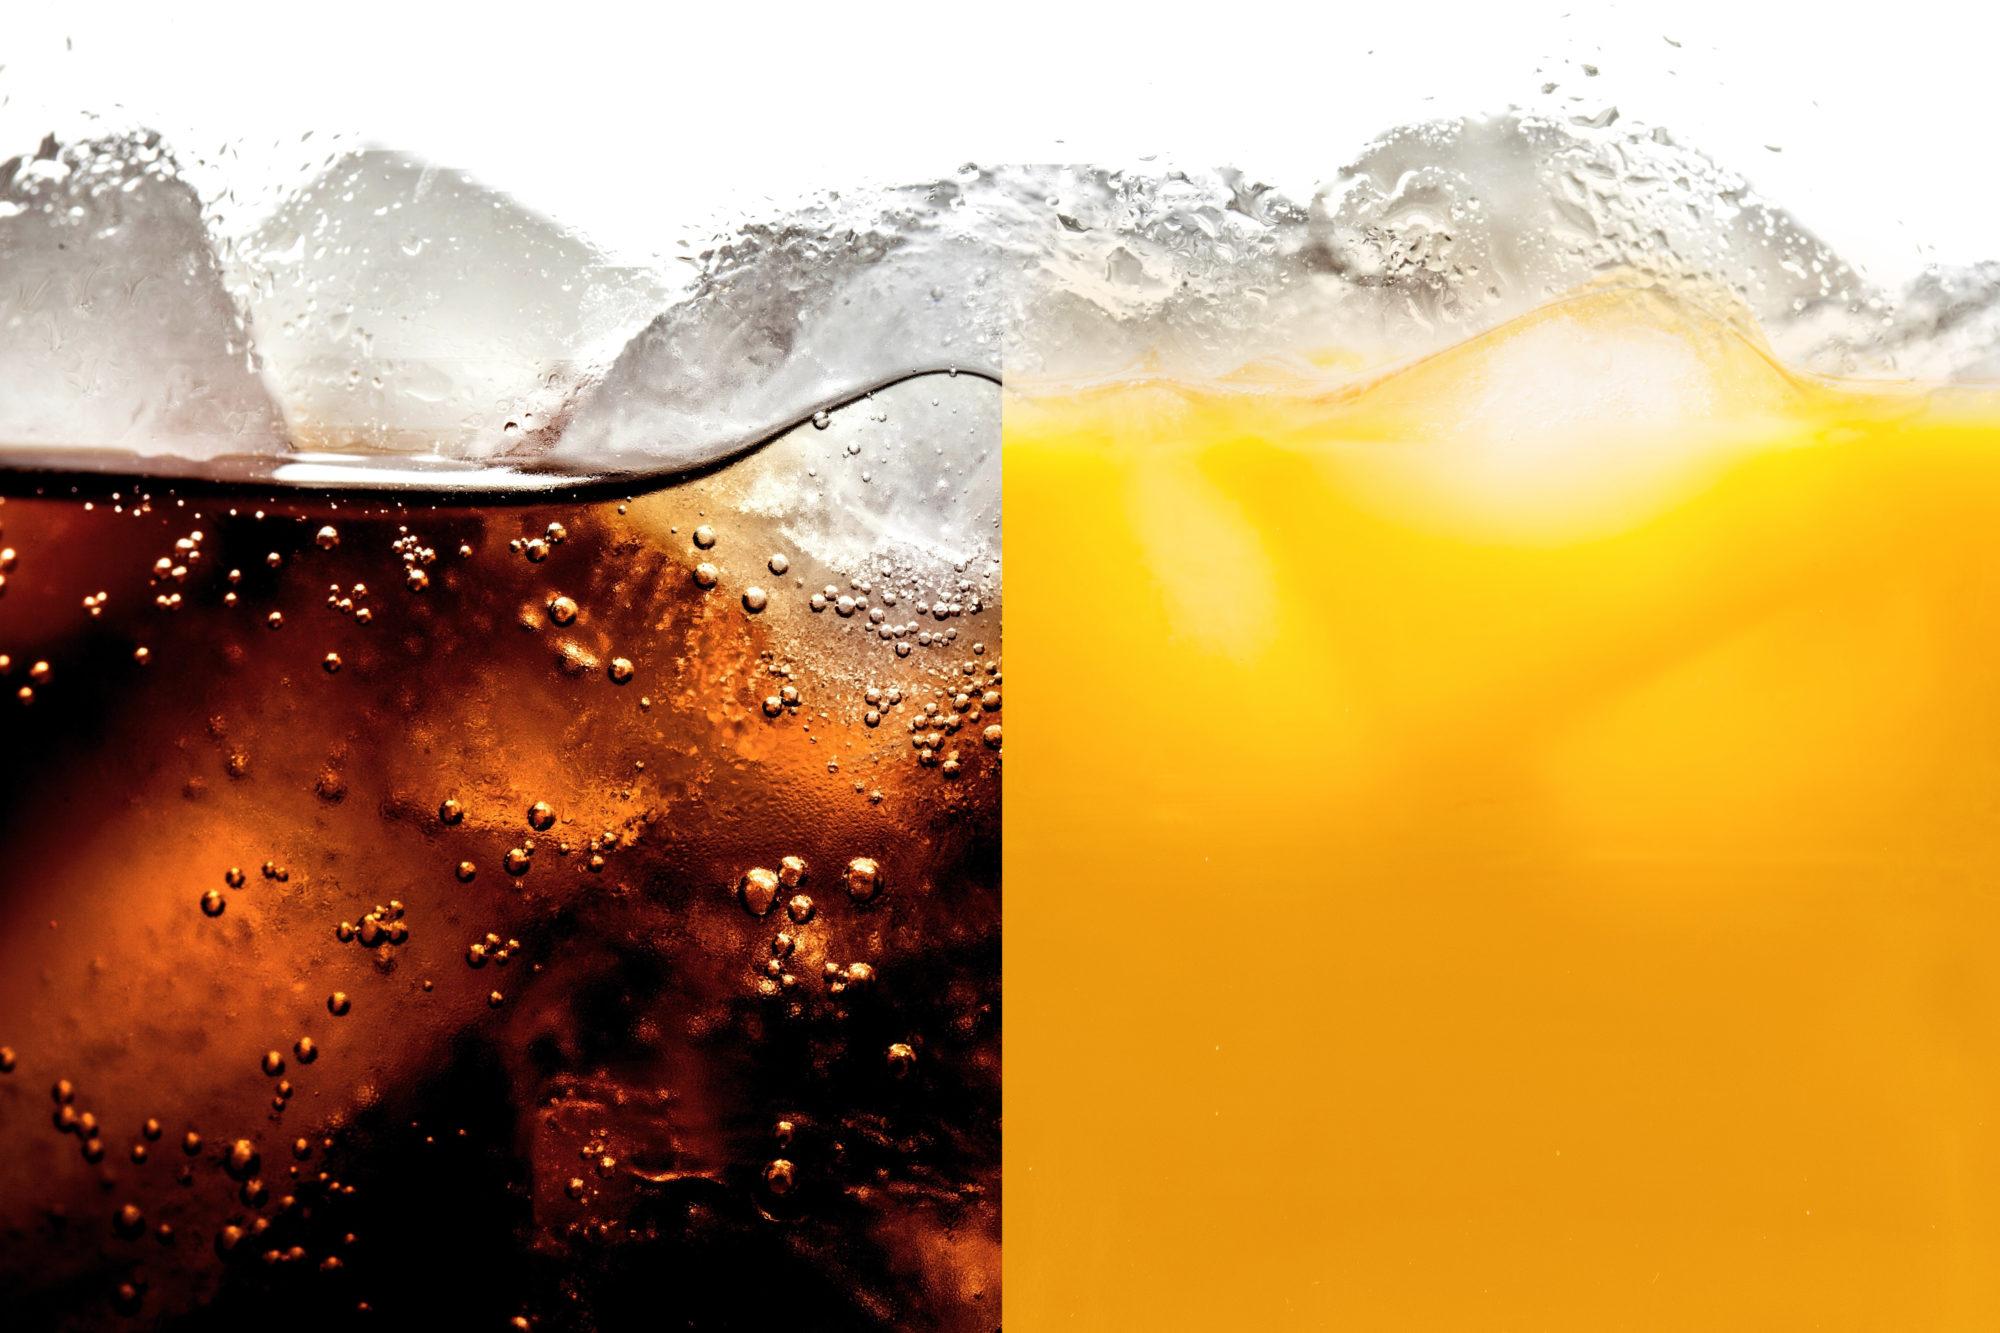 Faktencheck: Hat Orangensaft wirklich mehr Kalorien als Cola?